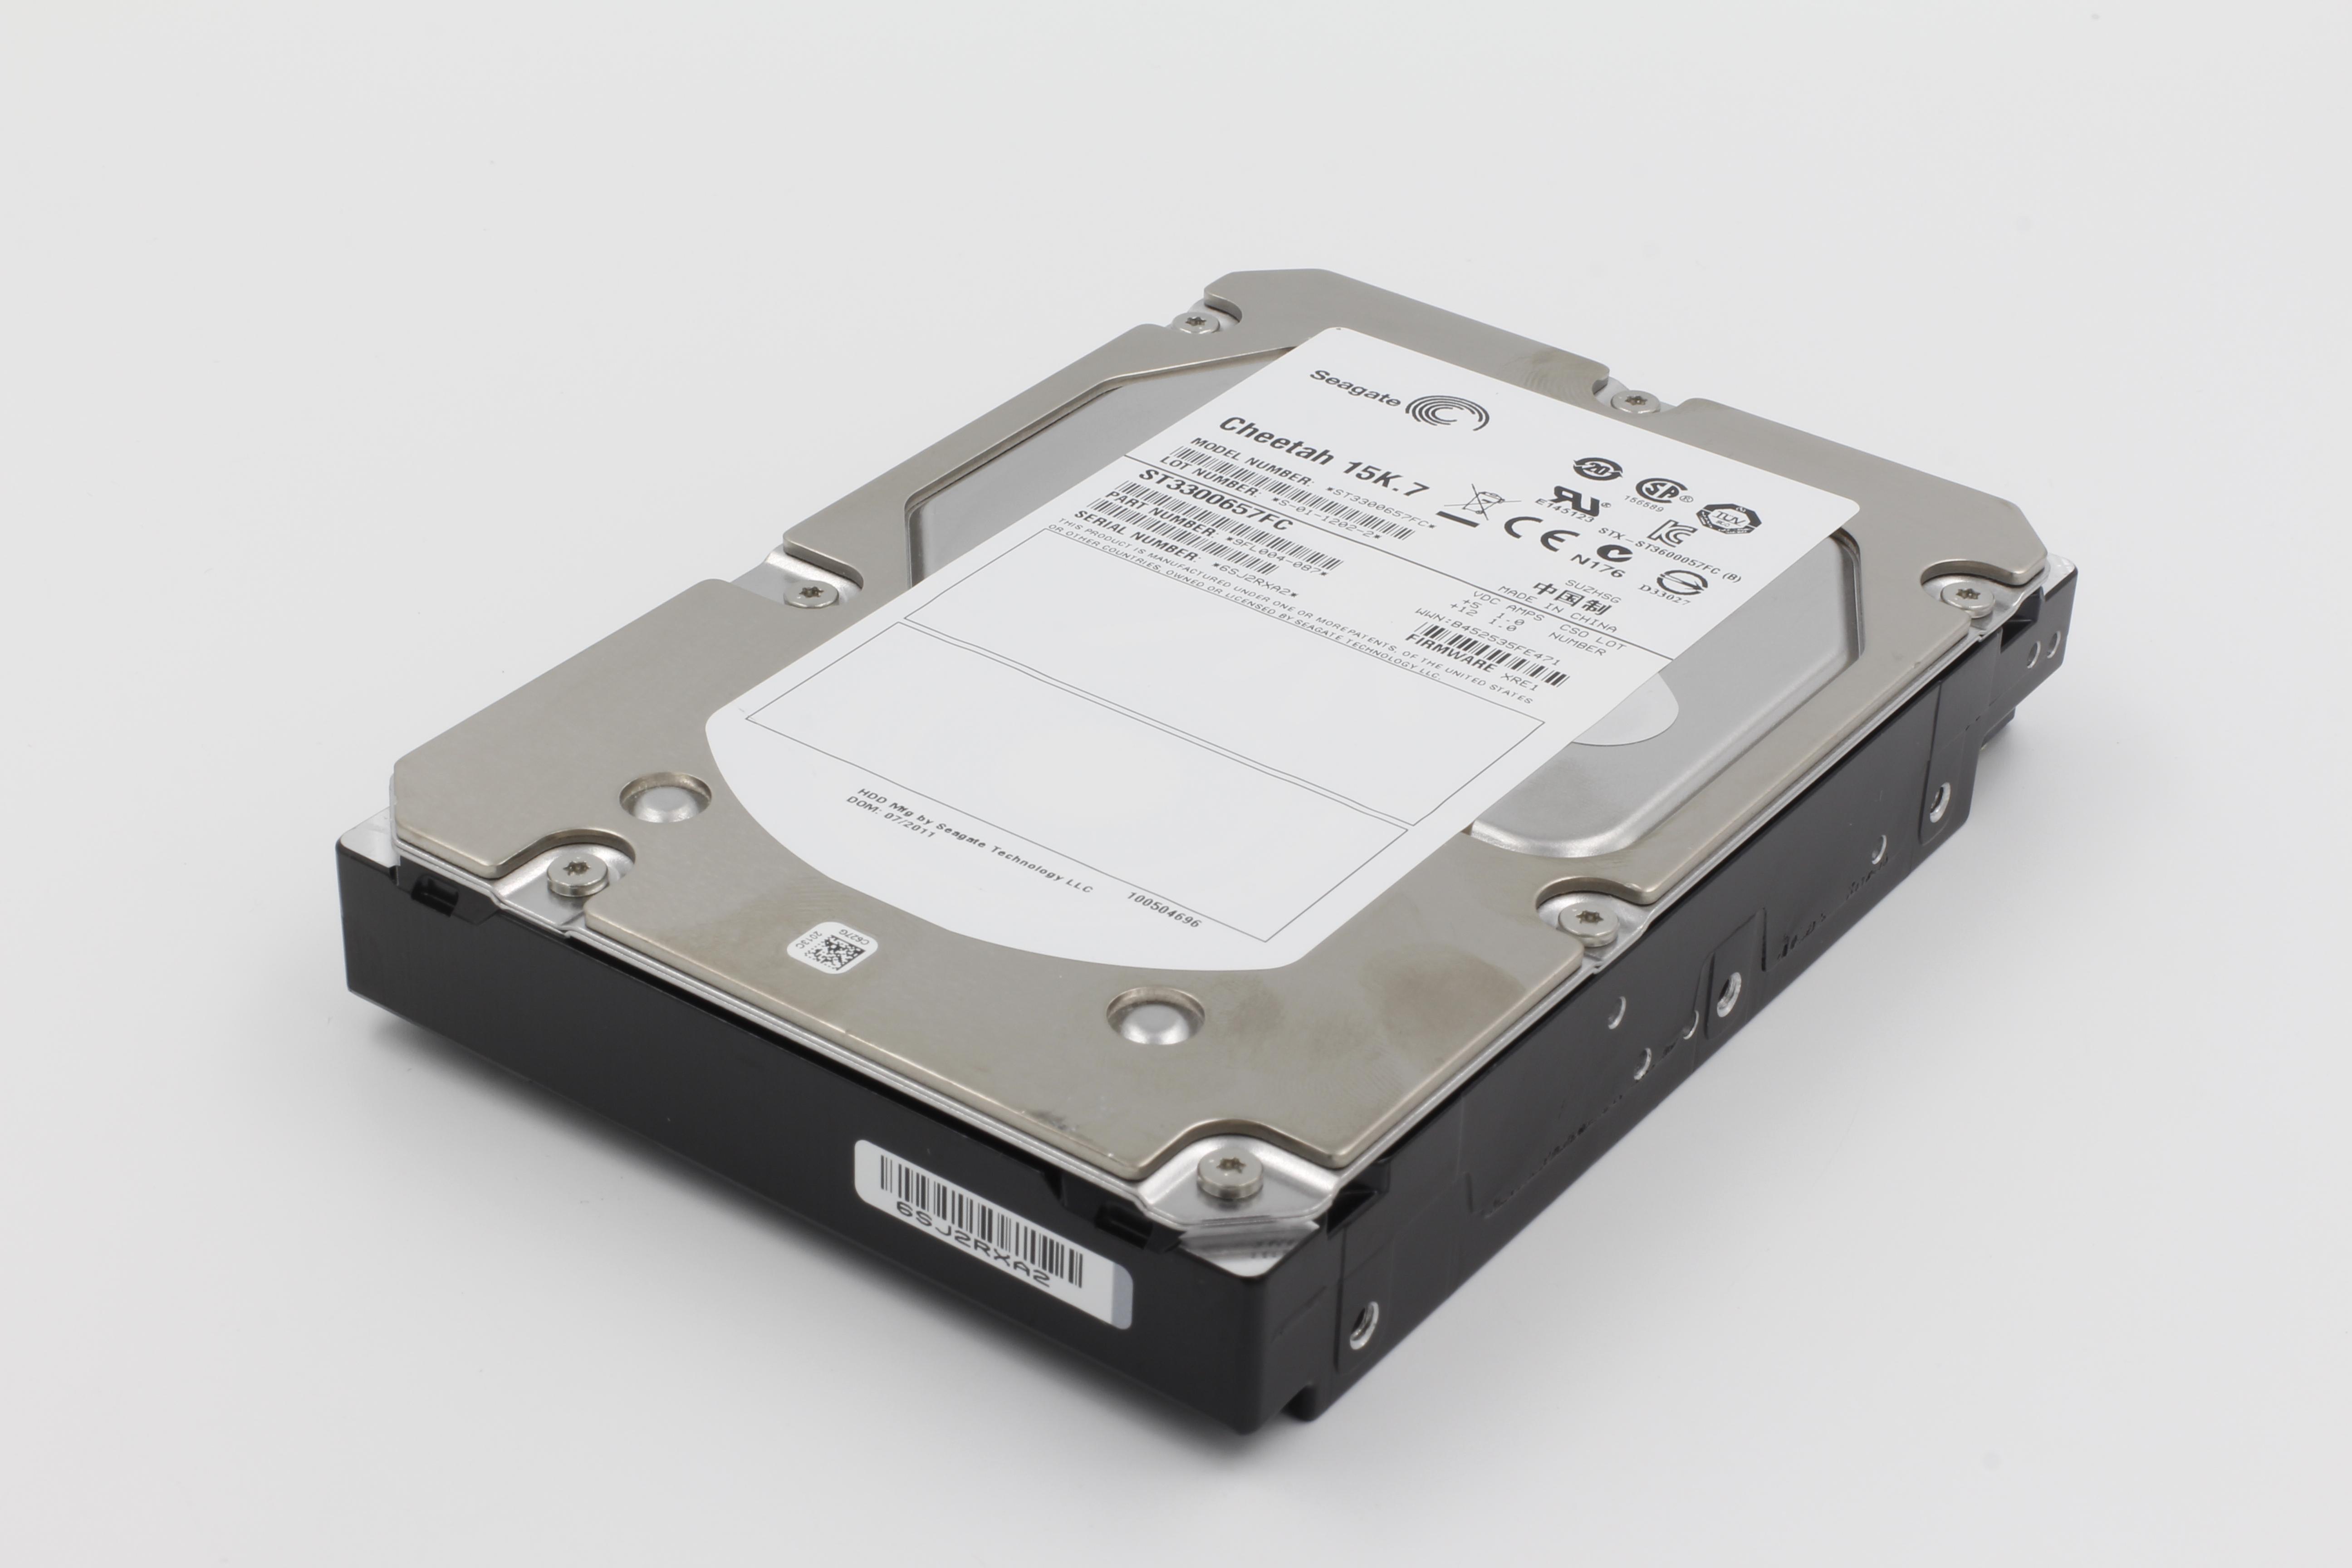 Renewed Seagate Cheetah 15K.7 ST3600057FC 600 GB 3.5 Internal Hard Drive